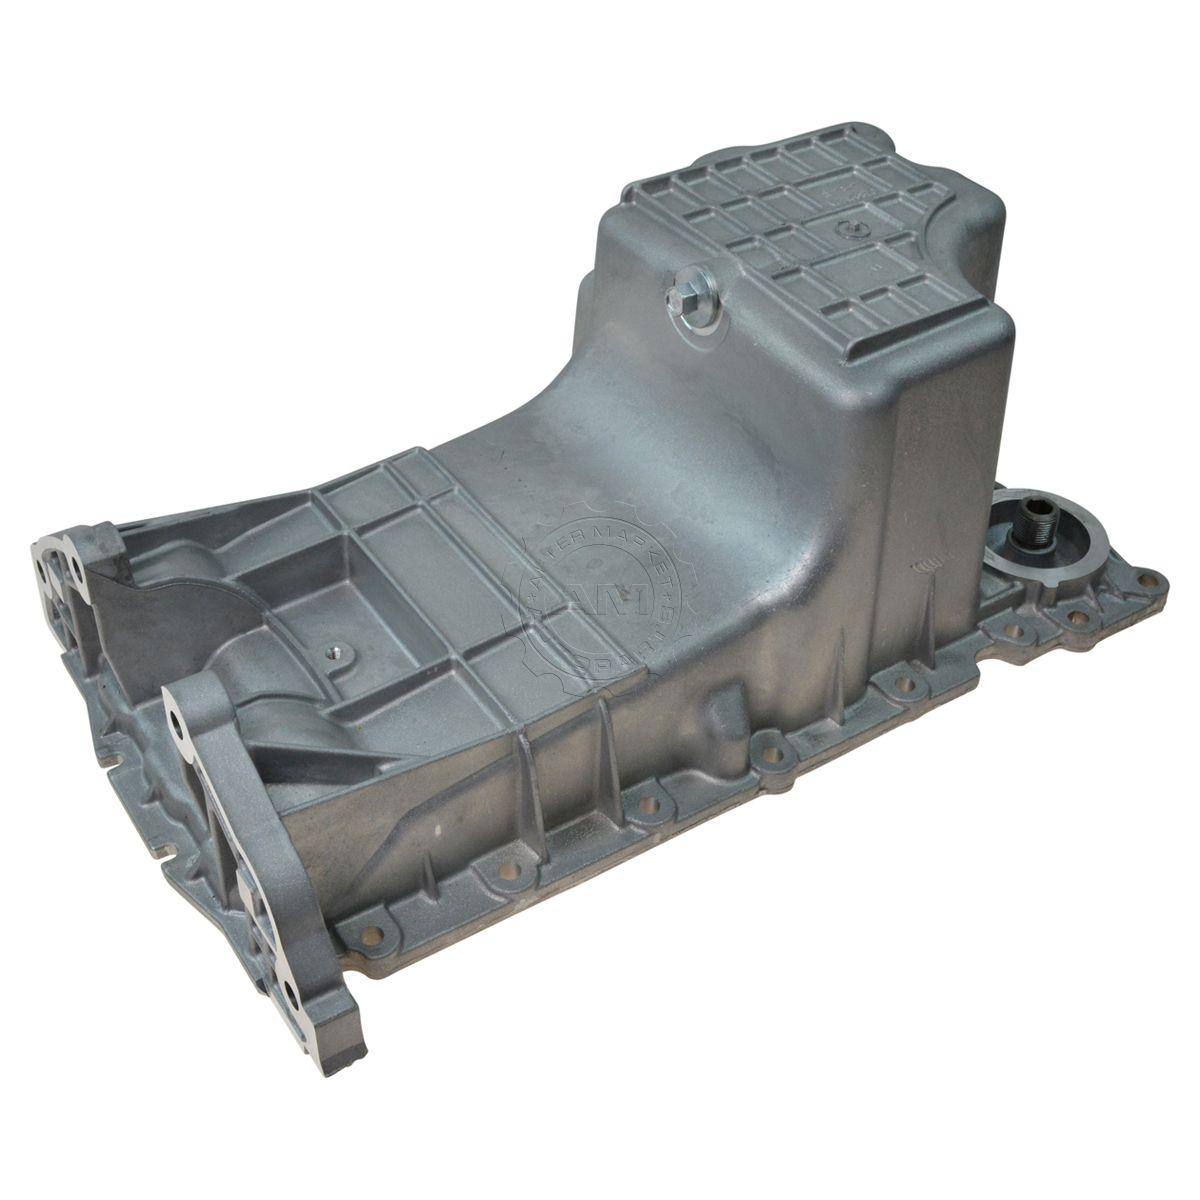 Col Hemi 2006 Chrysler 300 Specs Photos Modification: OEM 68043599AA Engine Oil Pan For Chrysler 300 Dodge